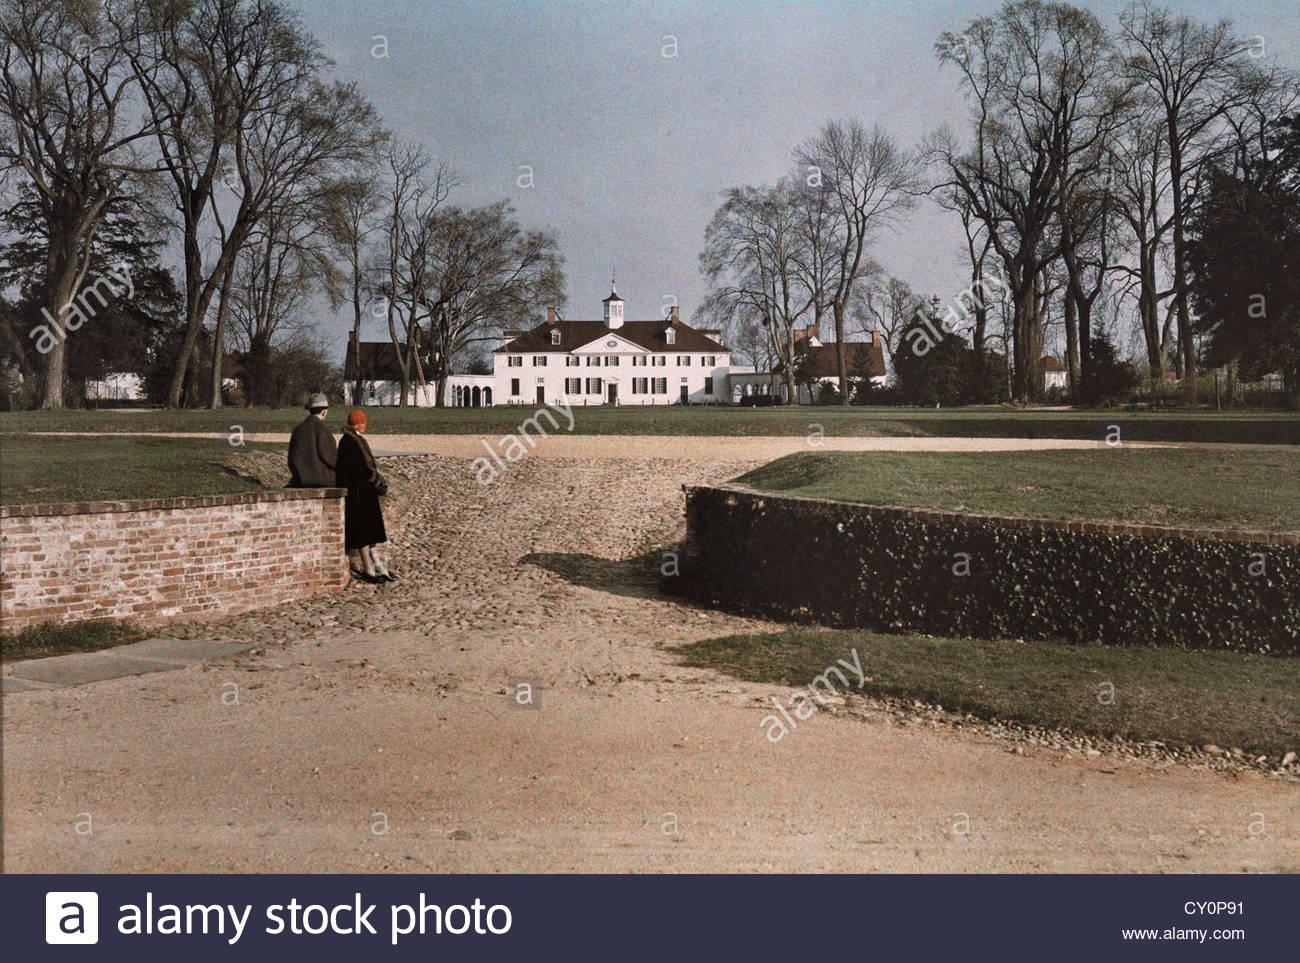 Serpentin Drive führt hinauf zum verzierten Mount Vernon Mansion. Stockbild